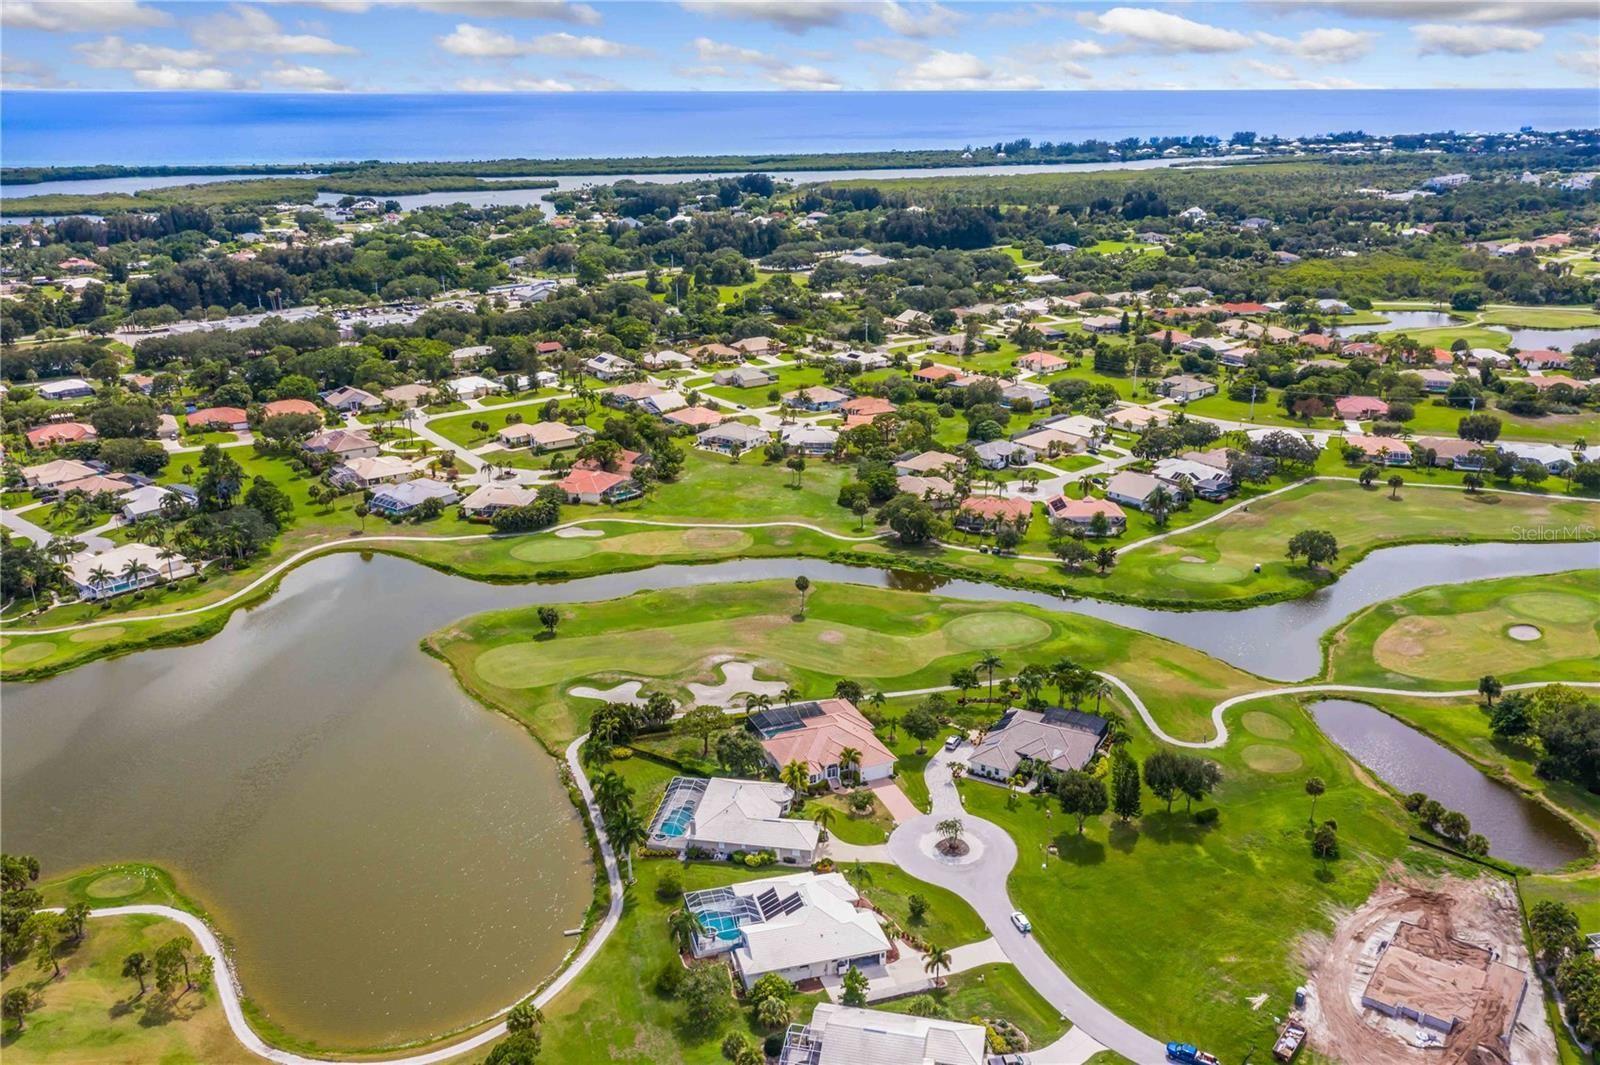 Photo of 11 CORAL CREEK PLACE, PLACIDA, FL 33946 (MLS # D6119777)